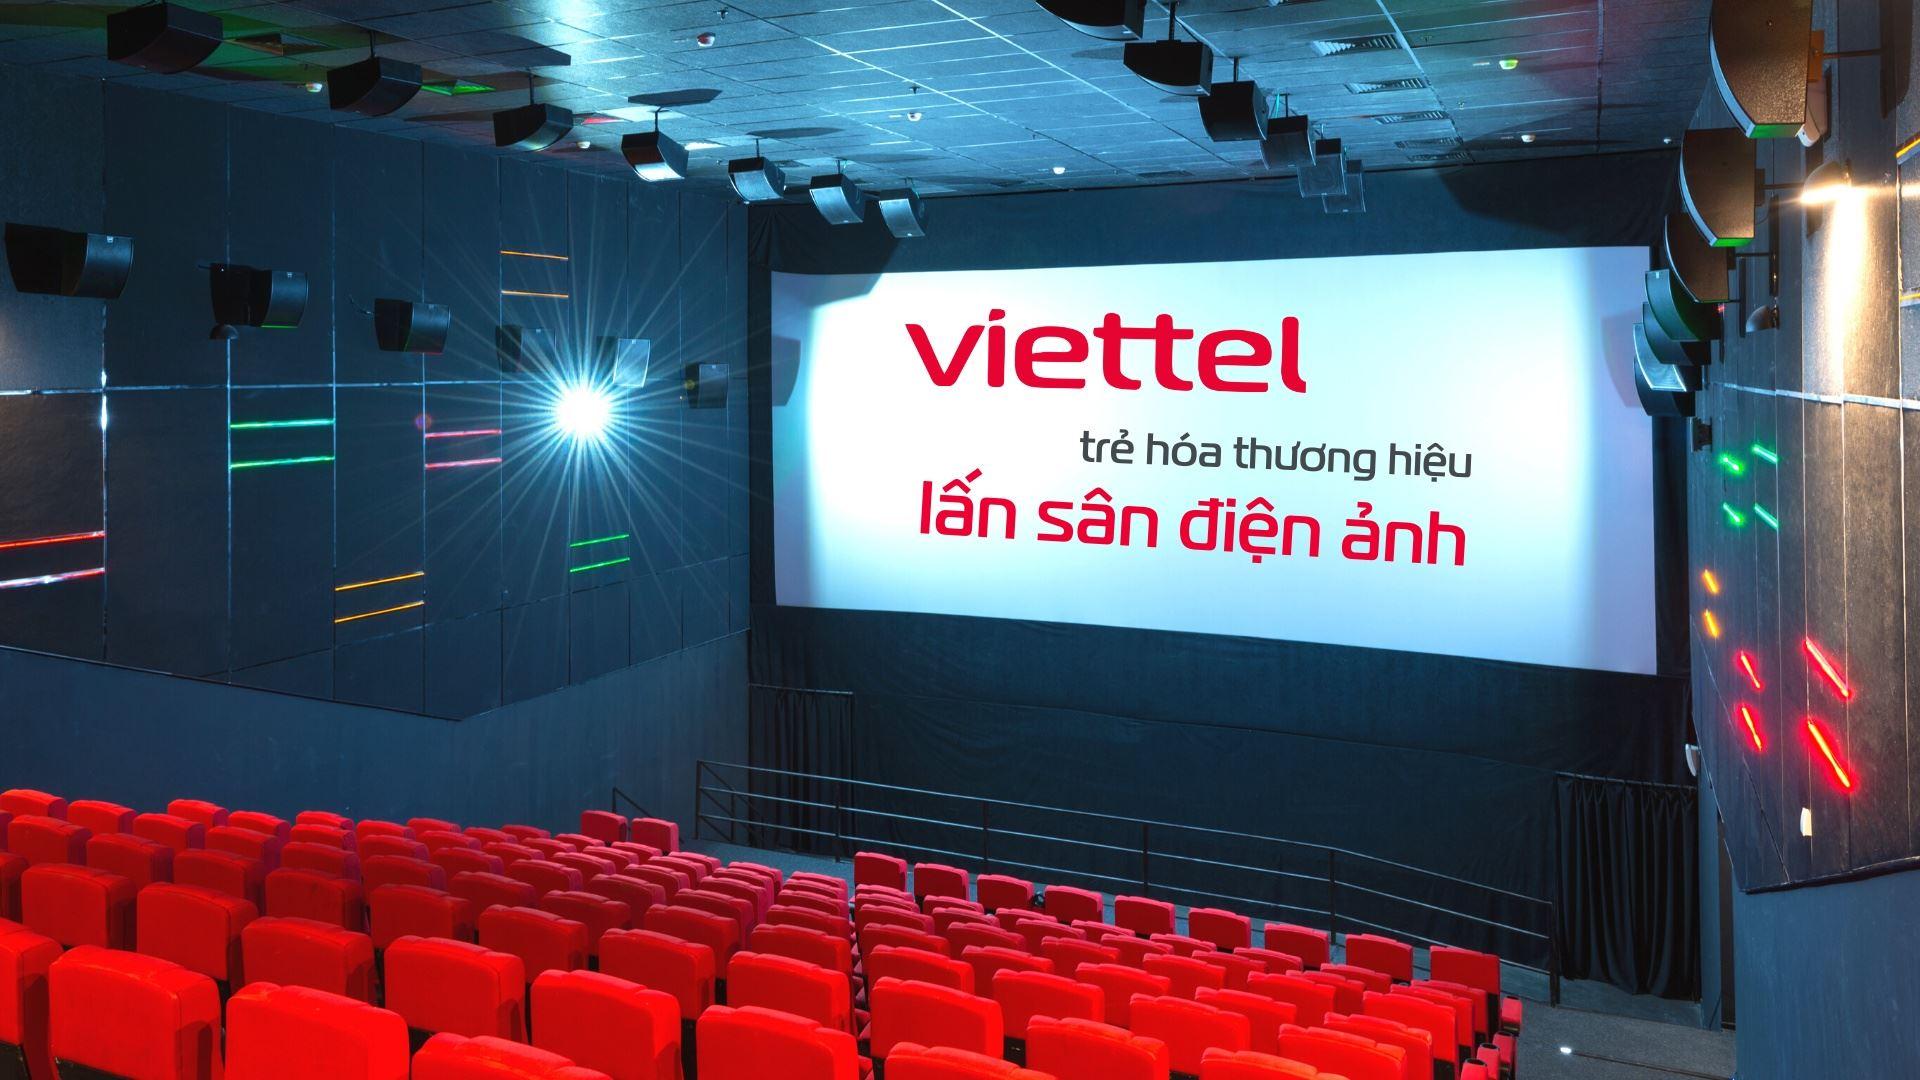 Viettel lấn sân sang lĩnh vực điện ảnh - Ảnh 1.